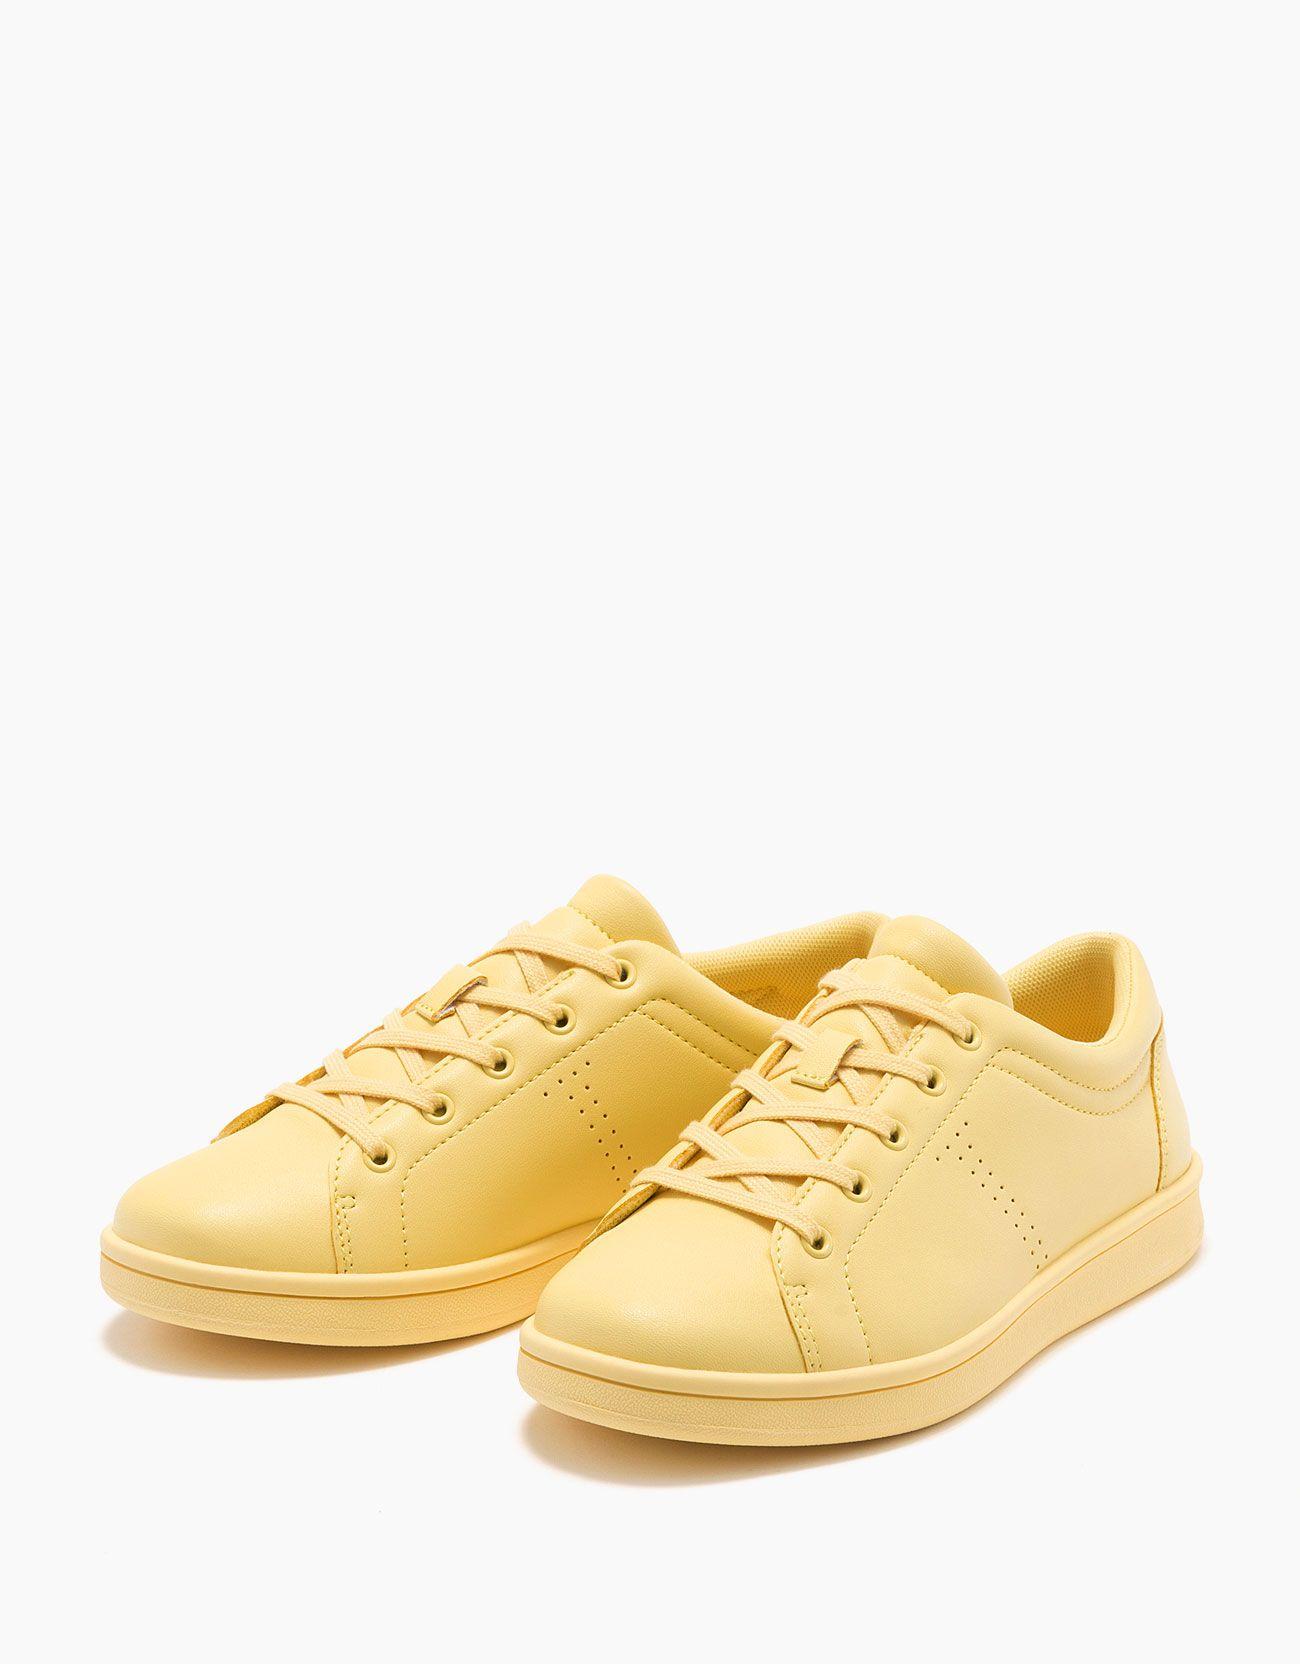 wholesale dealer 9bb23 46ce4 España · Zapatilla acordonada monocolor. Descubre ésta y muchas otras  prendas en Bershka con nuevos productos cada